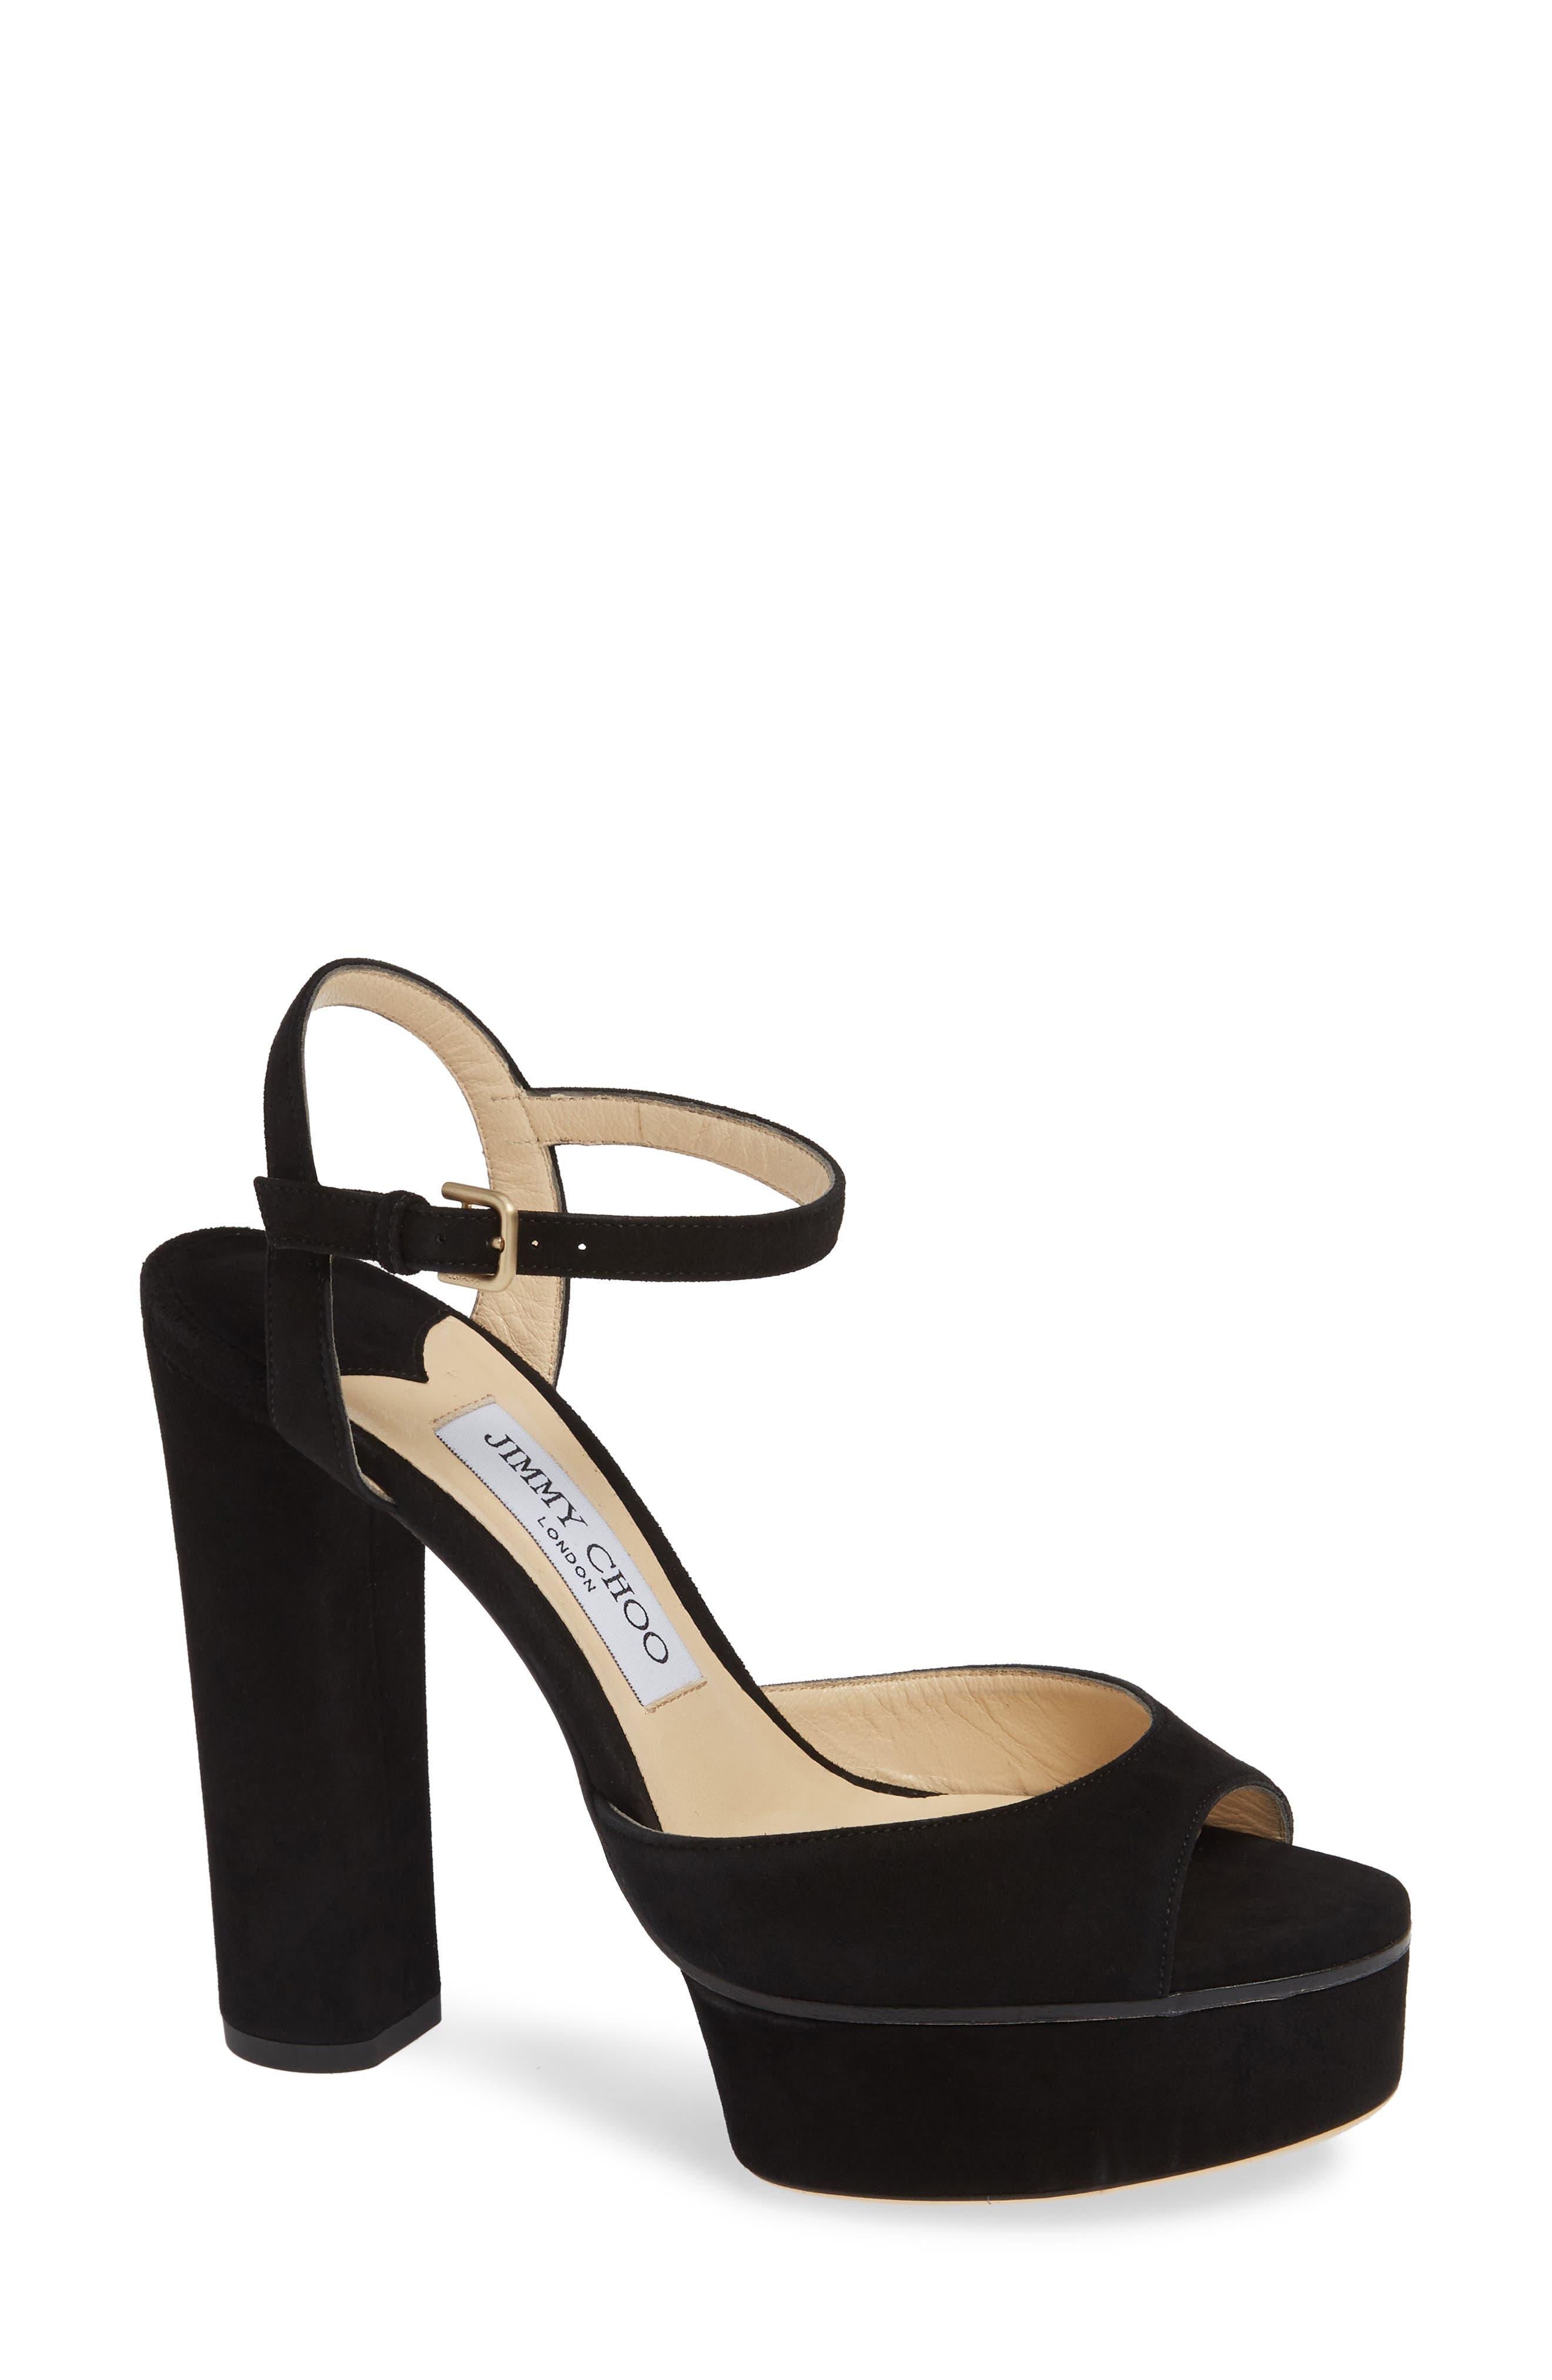 Peachy Platform Sandal,                         Main,                         color, BLACK SUEDE